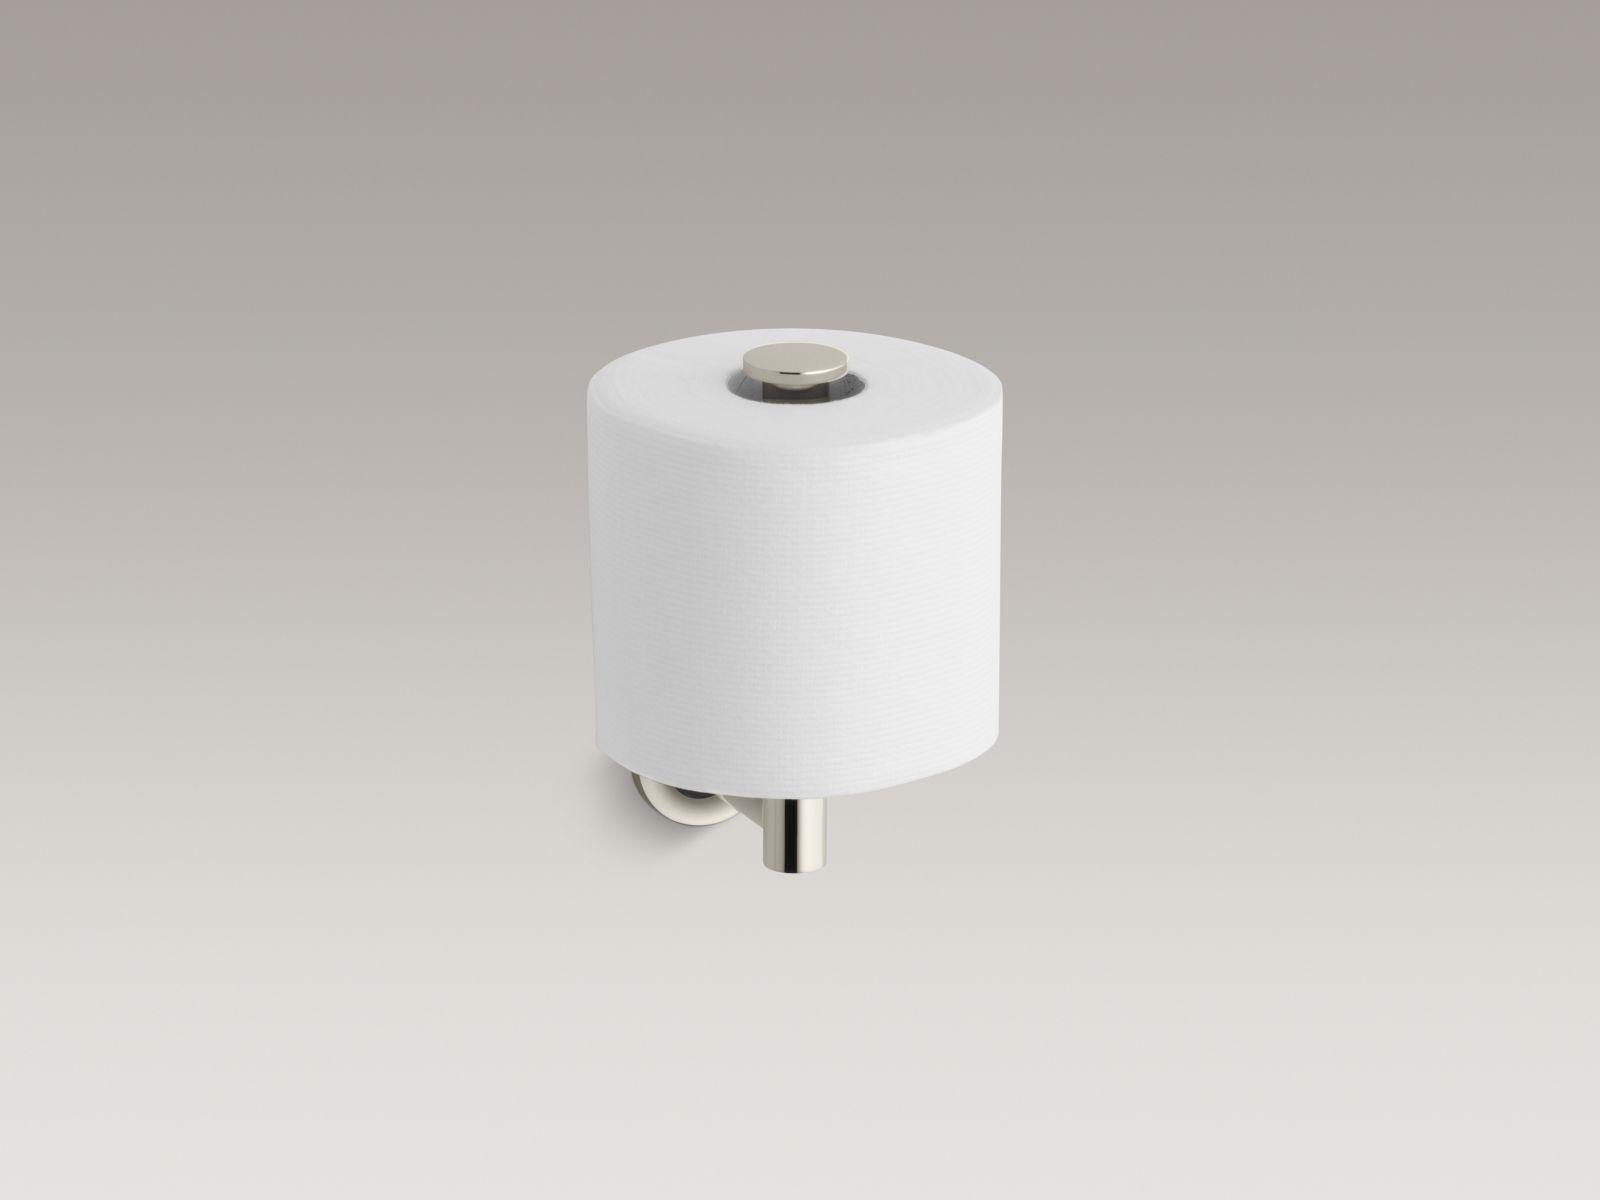 Kohler K-14444-SN Purist Vertical Toilet Paper Holder Polished Nickel